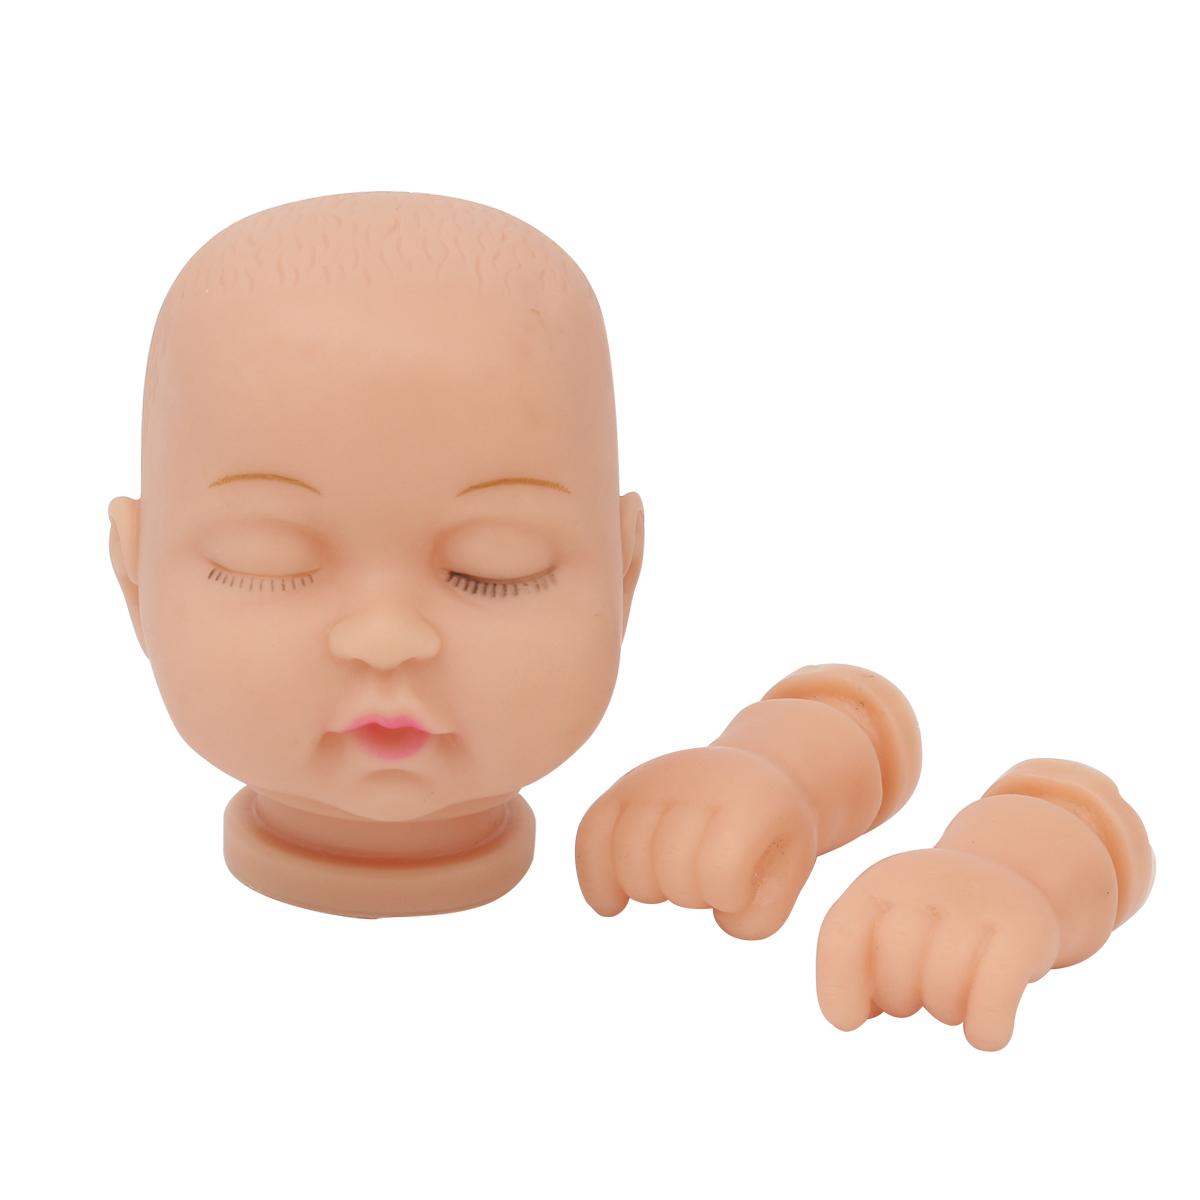 27037 НАБОР №6 Пластиковая заготовка для изготовления малыша 5,3*7см: руки,голова